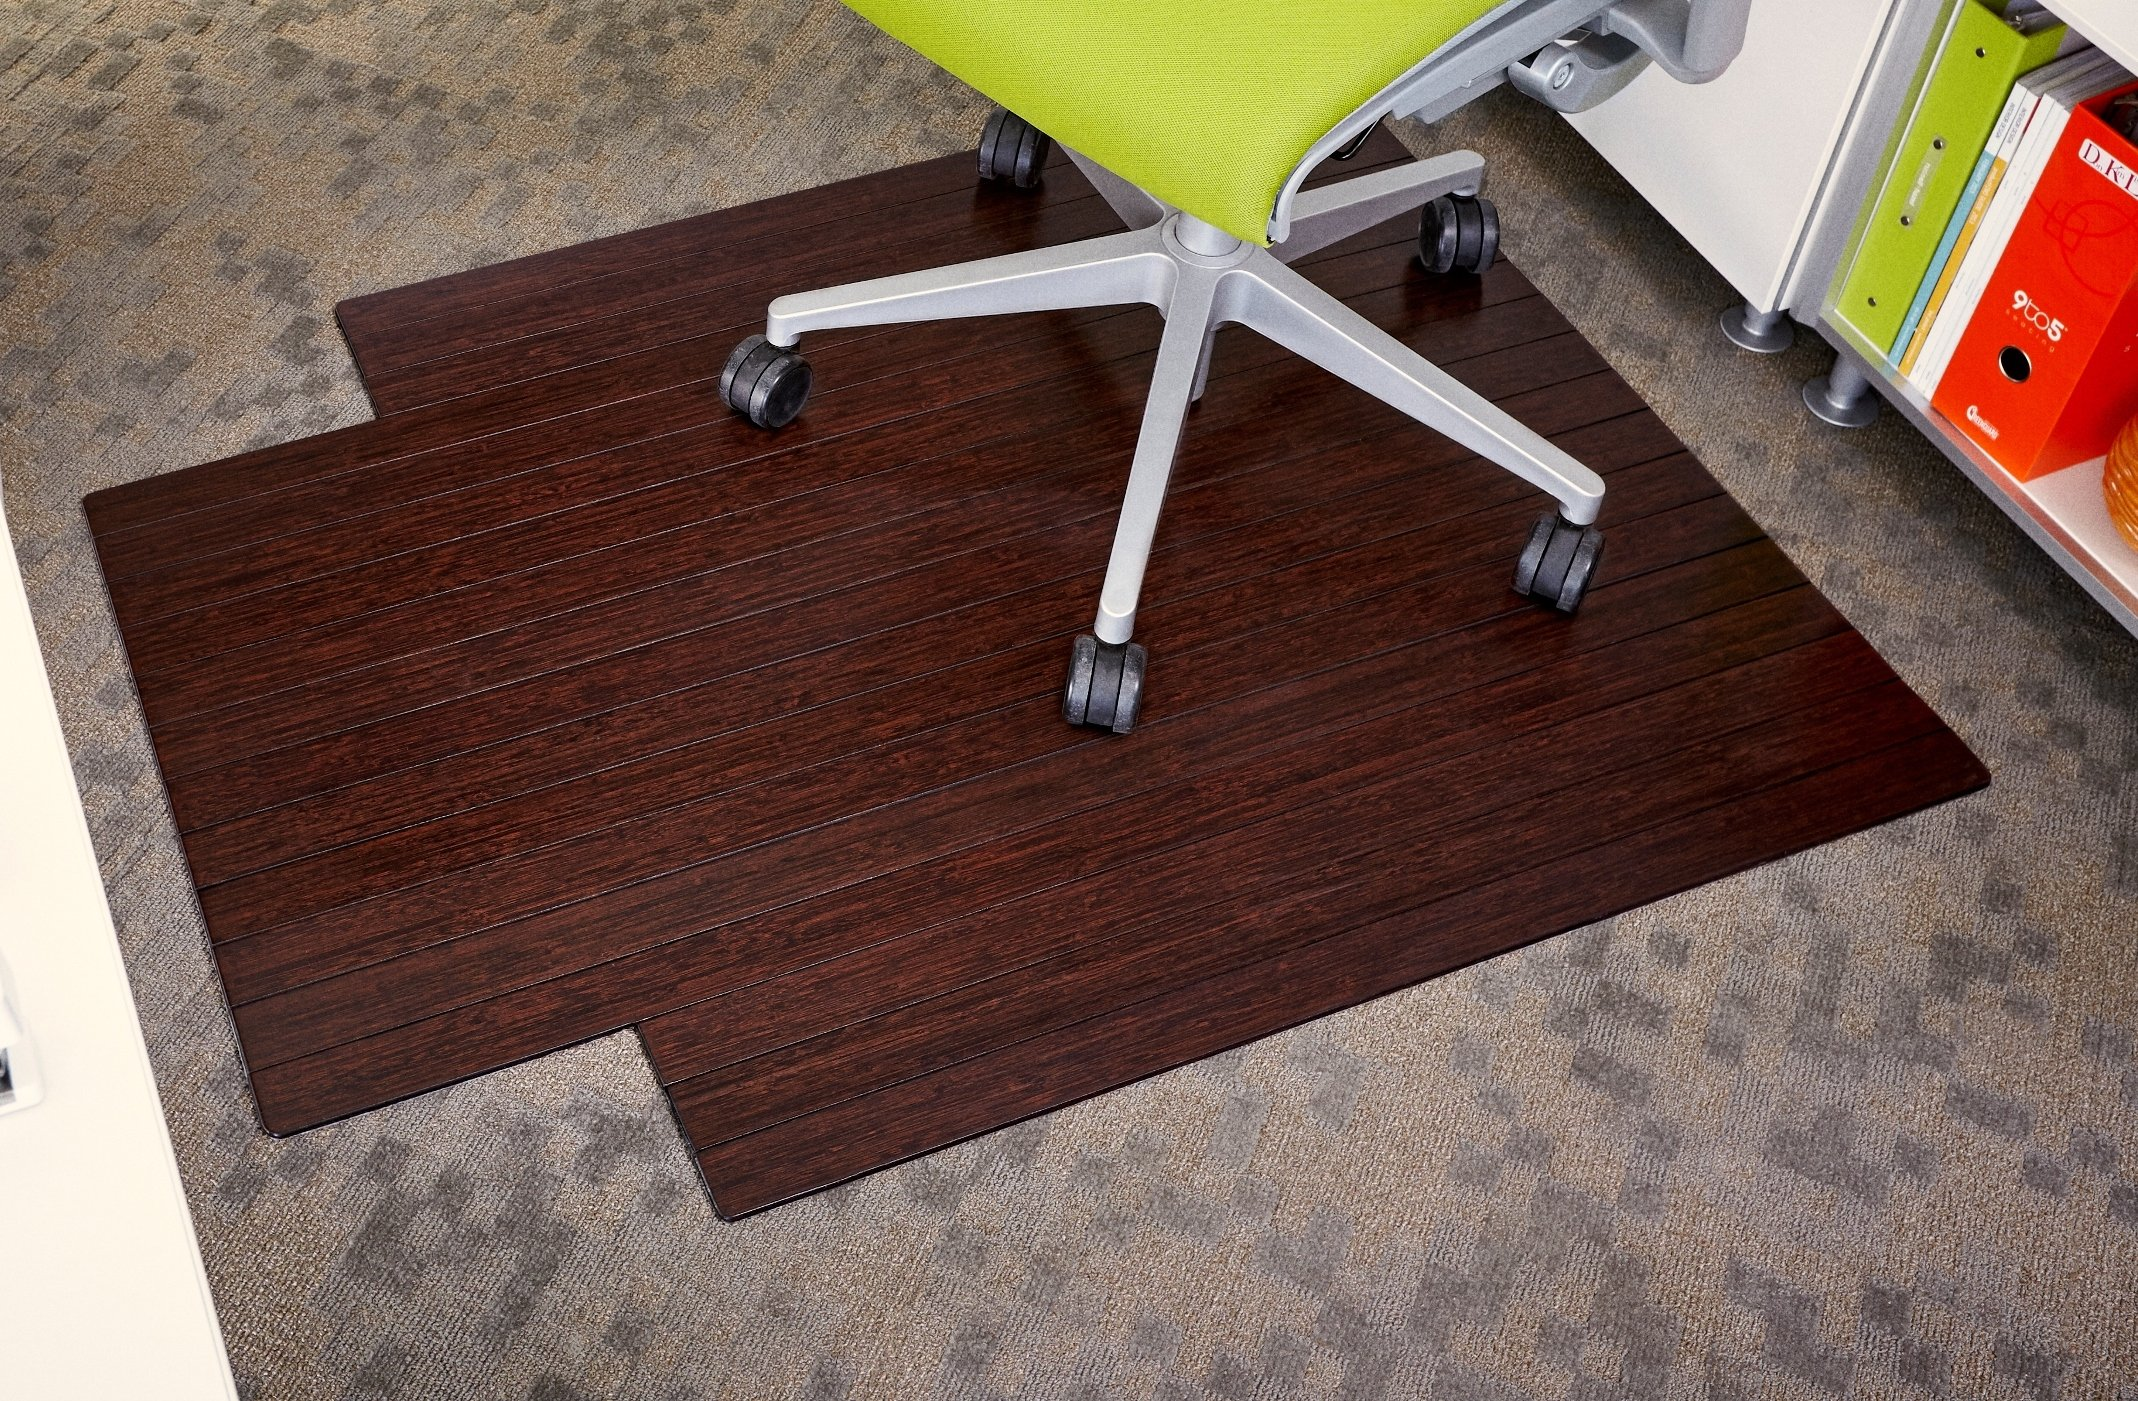 Anji Mountain Bamboo Roll-Up Chair Mat by Anji Mountain